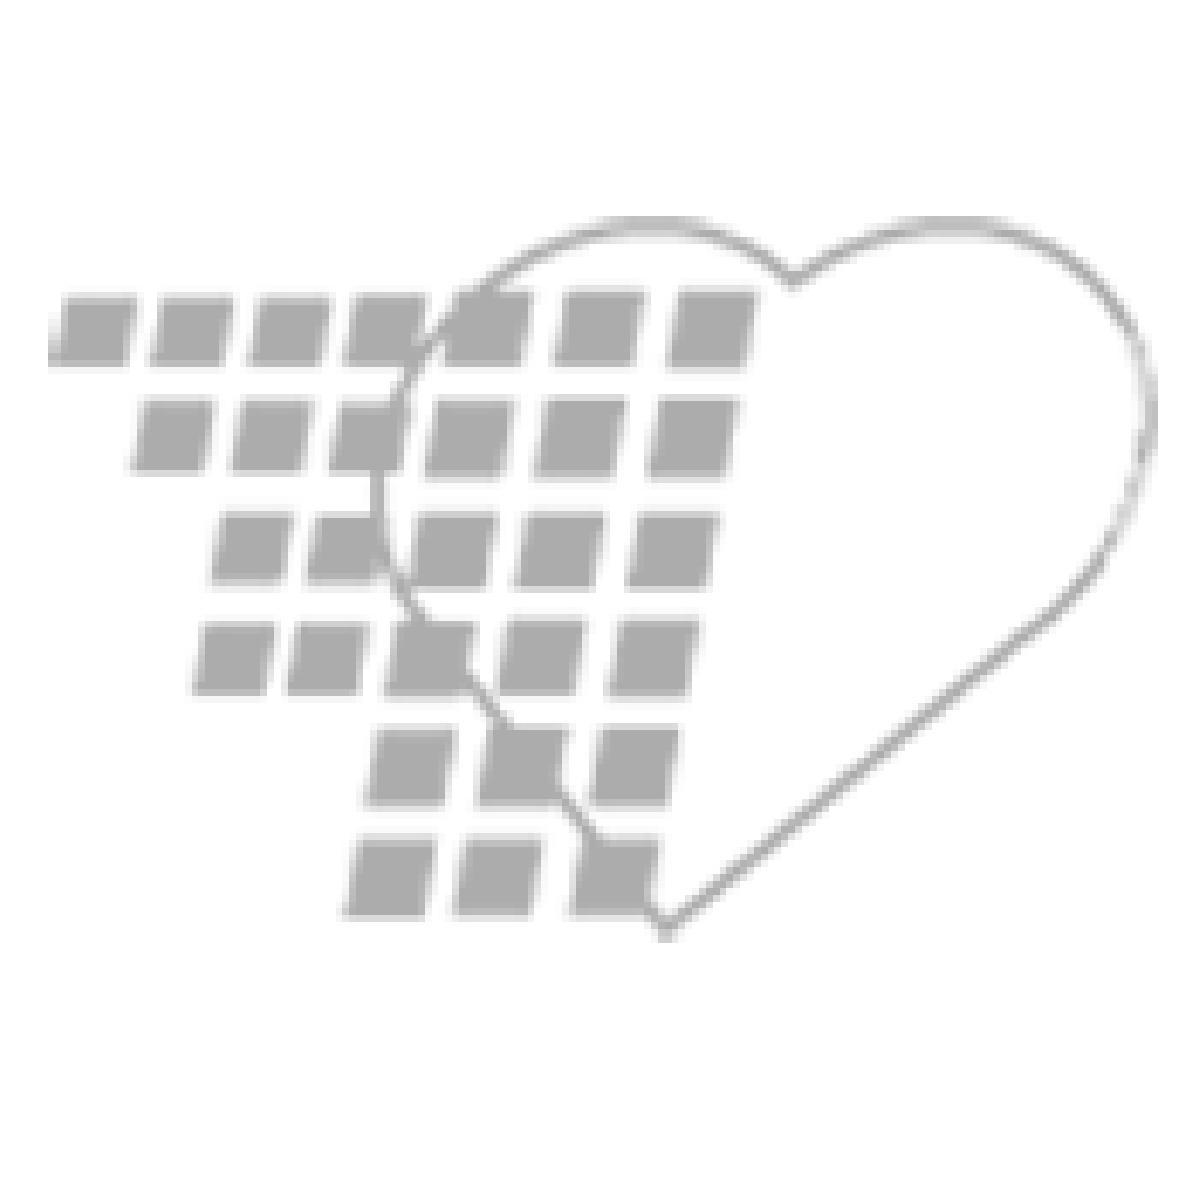 11-81-8851 Simulaids NG Trainer